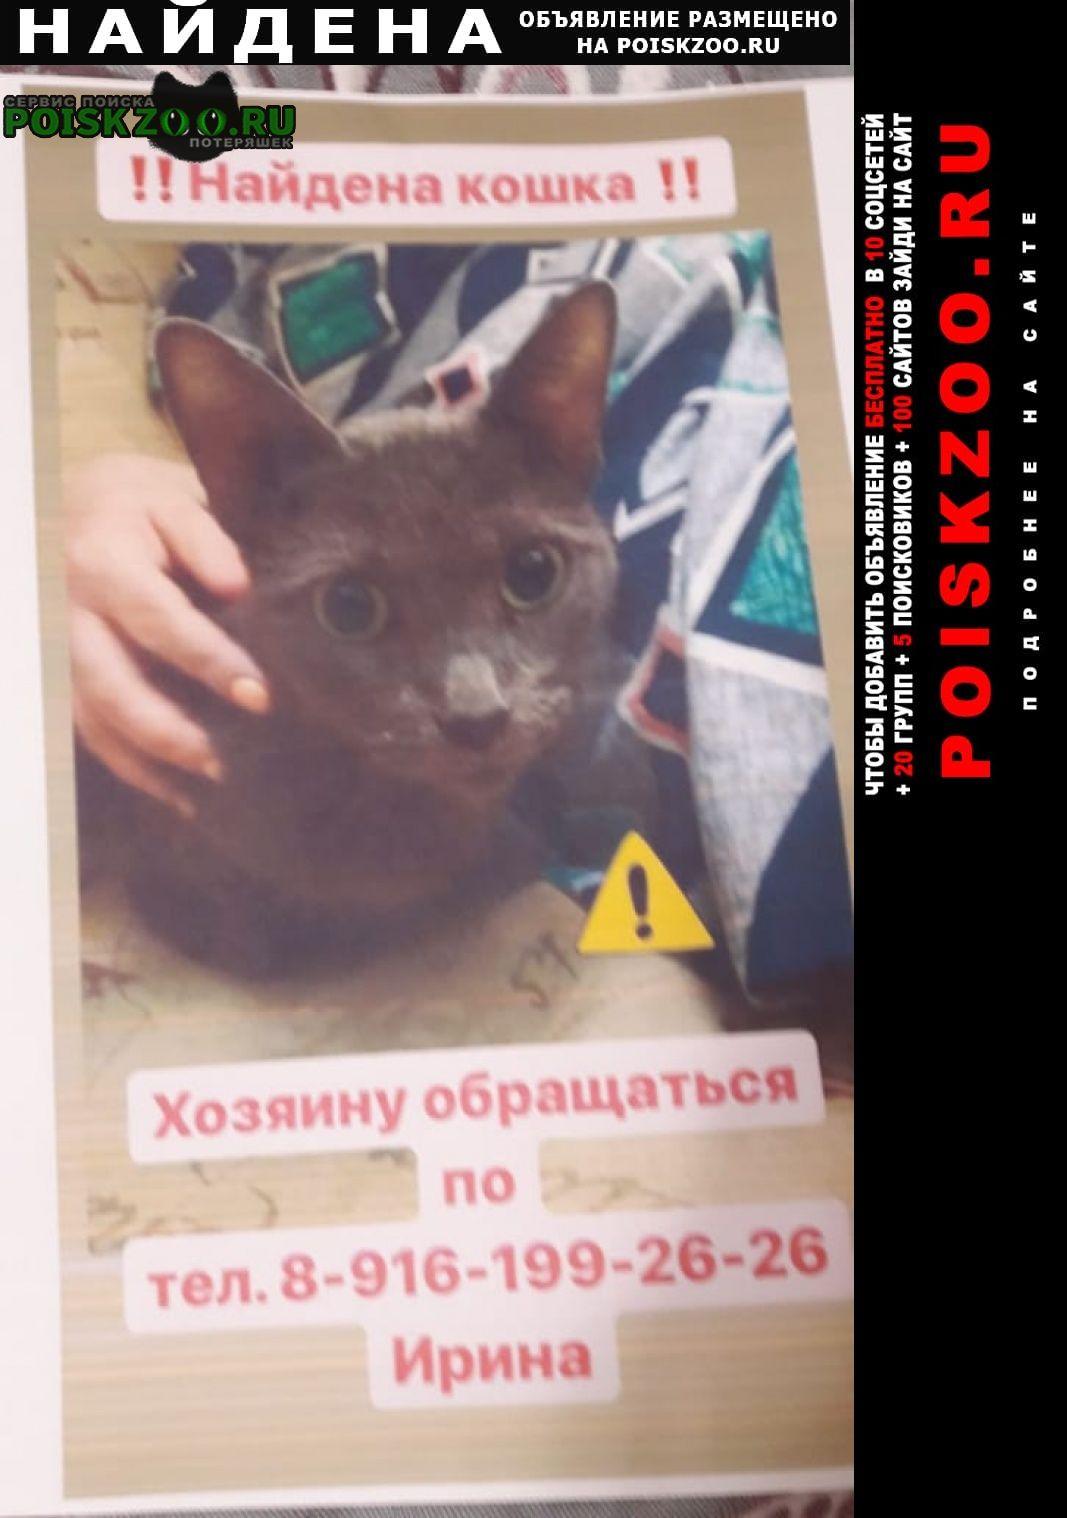 Москва Найдена кошка героев панфиловцев 23 к.1